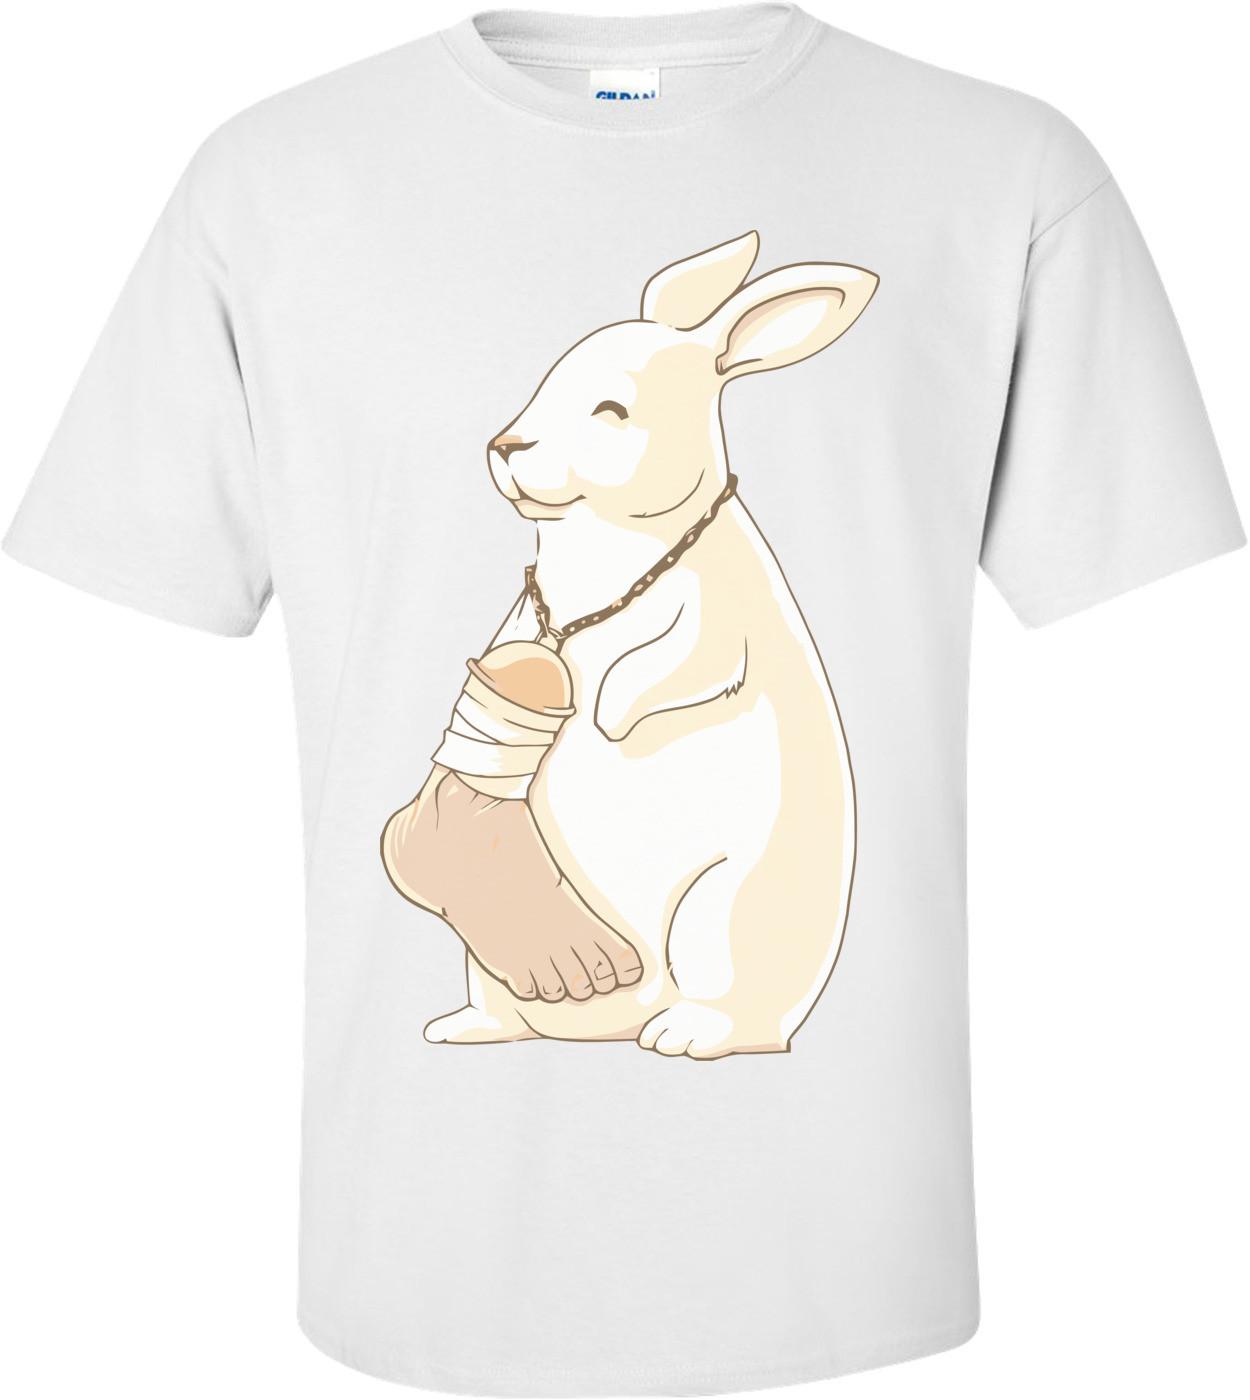 Lucky Human Foot Cool T-shirt